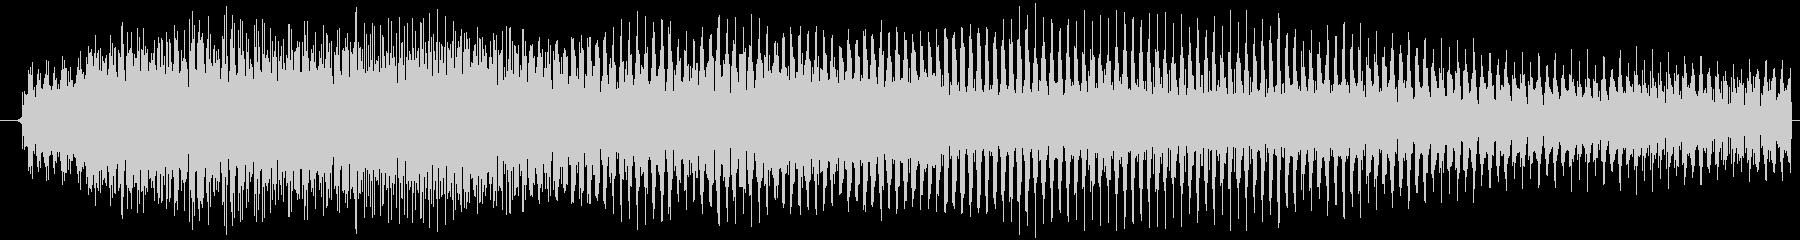 短めのノイジーな演出する音です。の未再生の波形